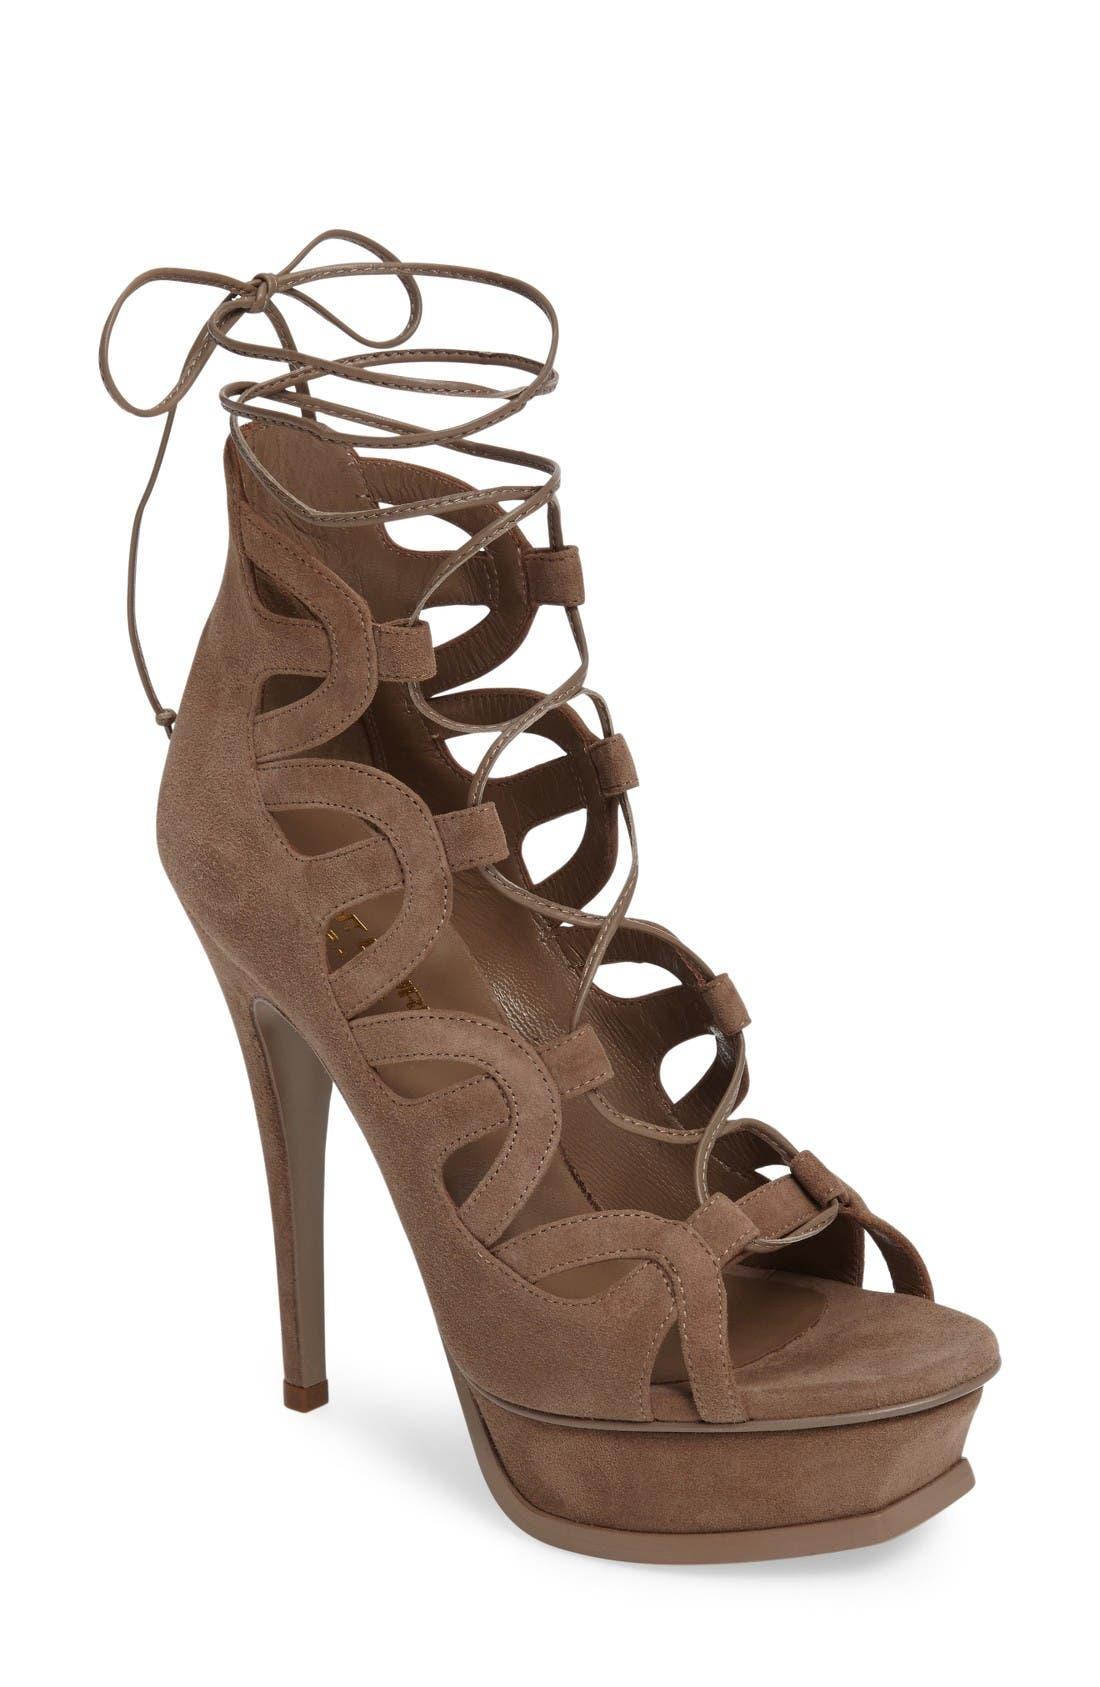 SAINT LAURENT 'Tribute' Lace-Up Platform Sandal